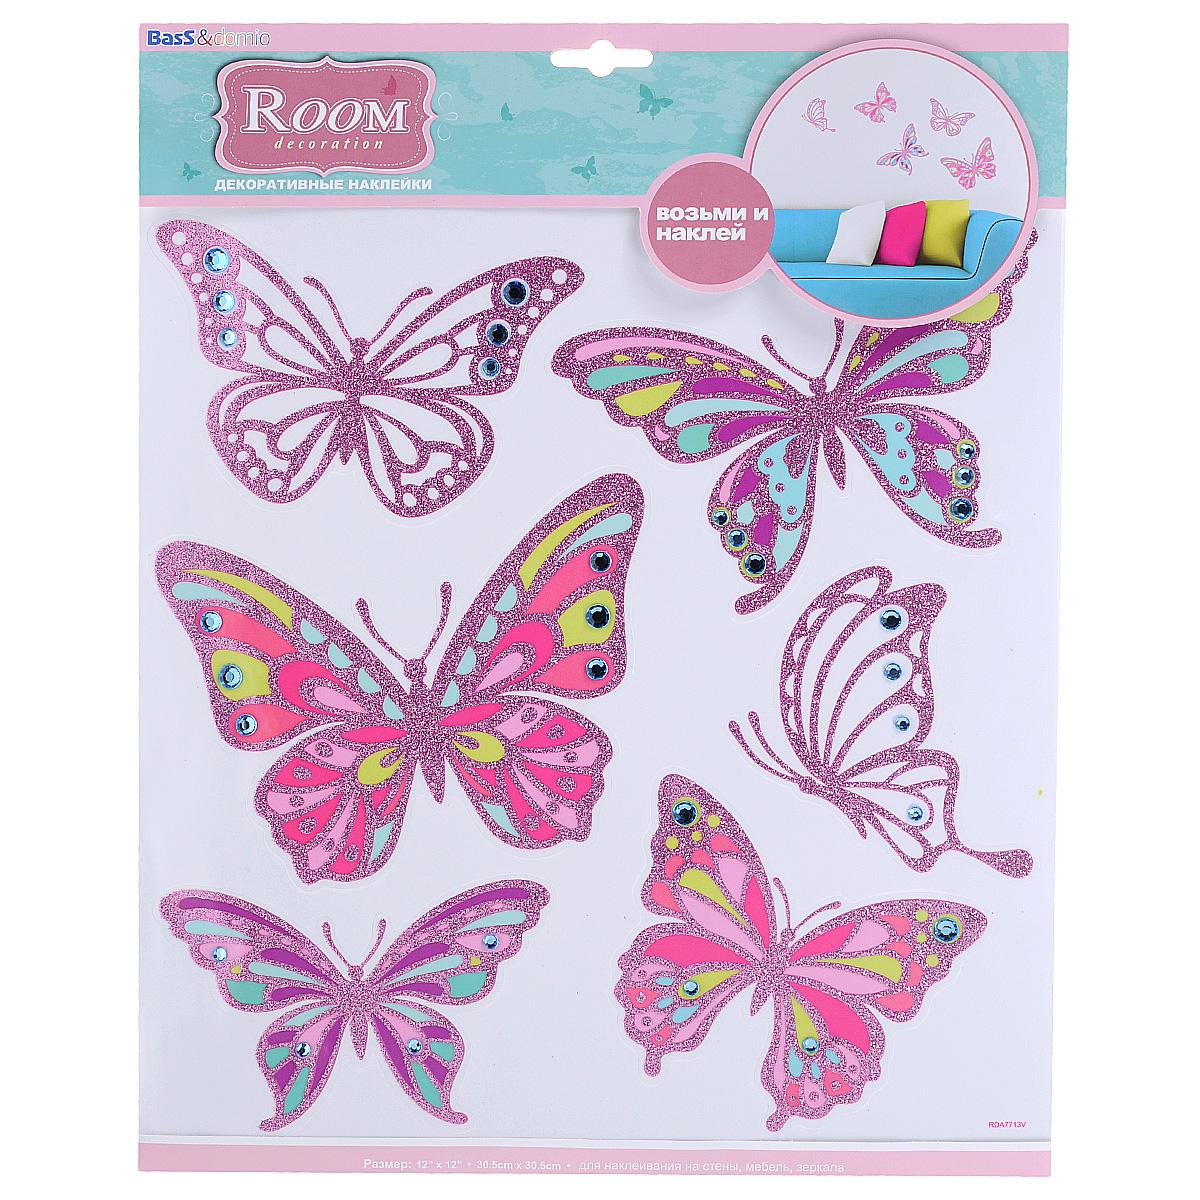 Наклейки для интерьера Room Decoration Бабочки со стразами, цвет: розовый, 30,5 х 30,5 см наклейки для интерьера room decoration цветы и бабочки 60 см х 32 см